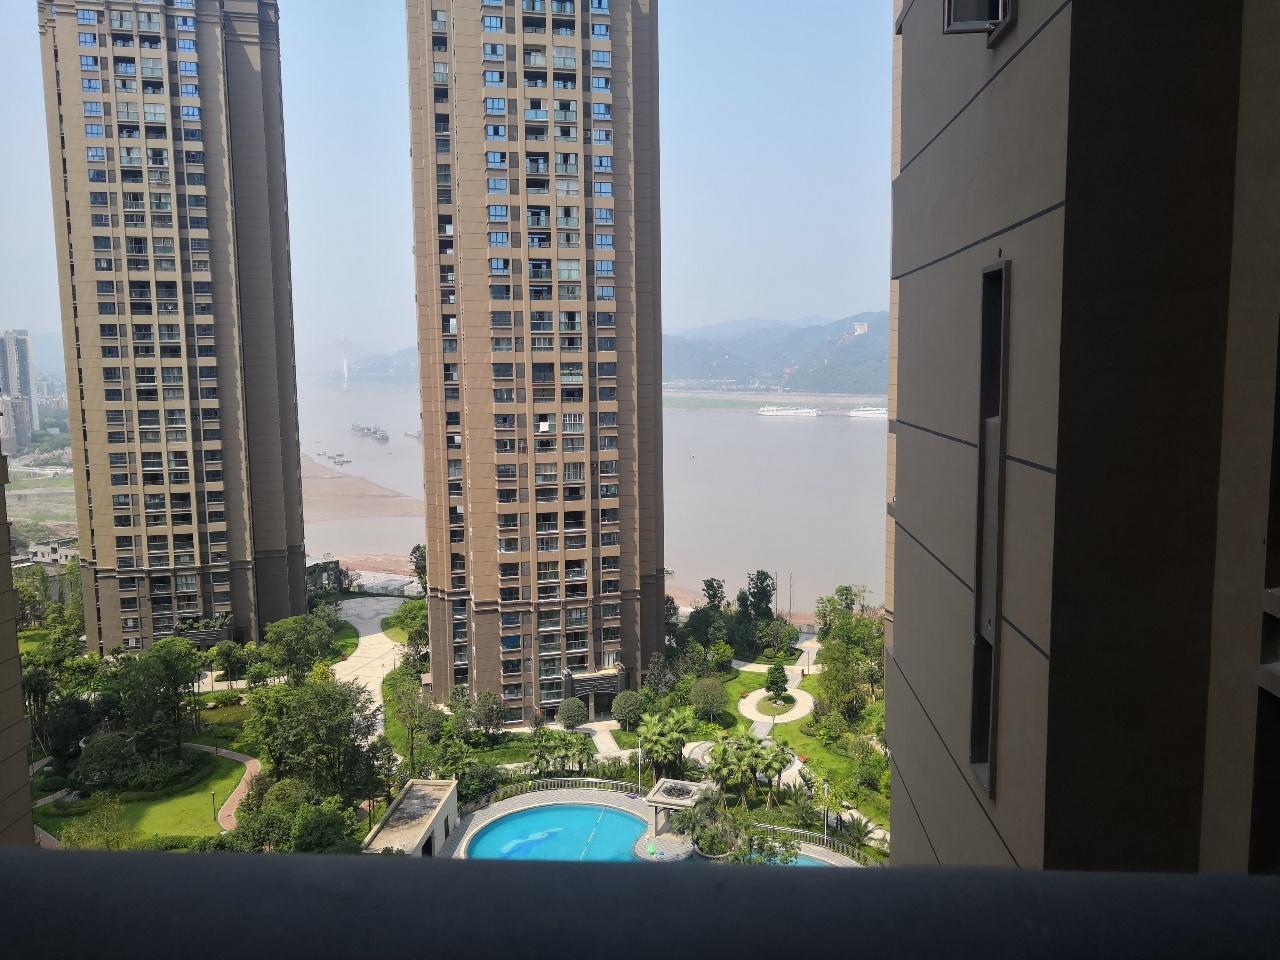 久桓城3室 2廳 2衛62萬元